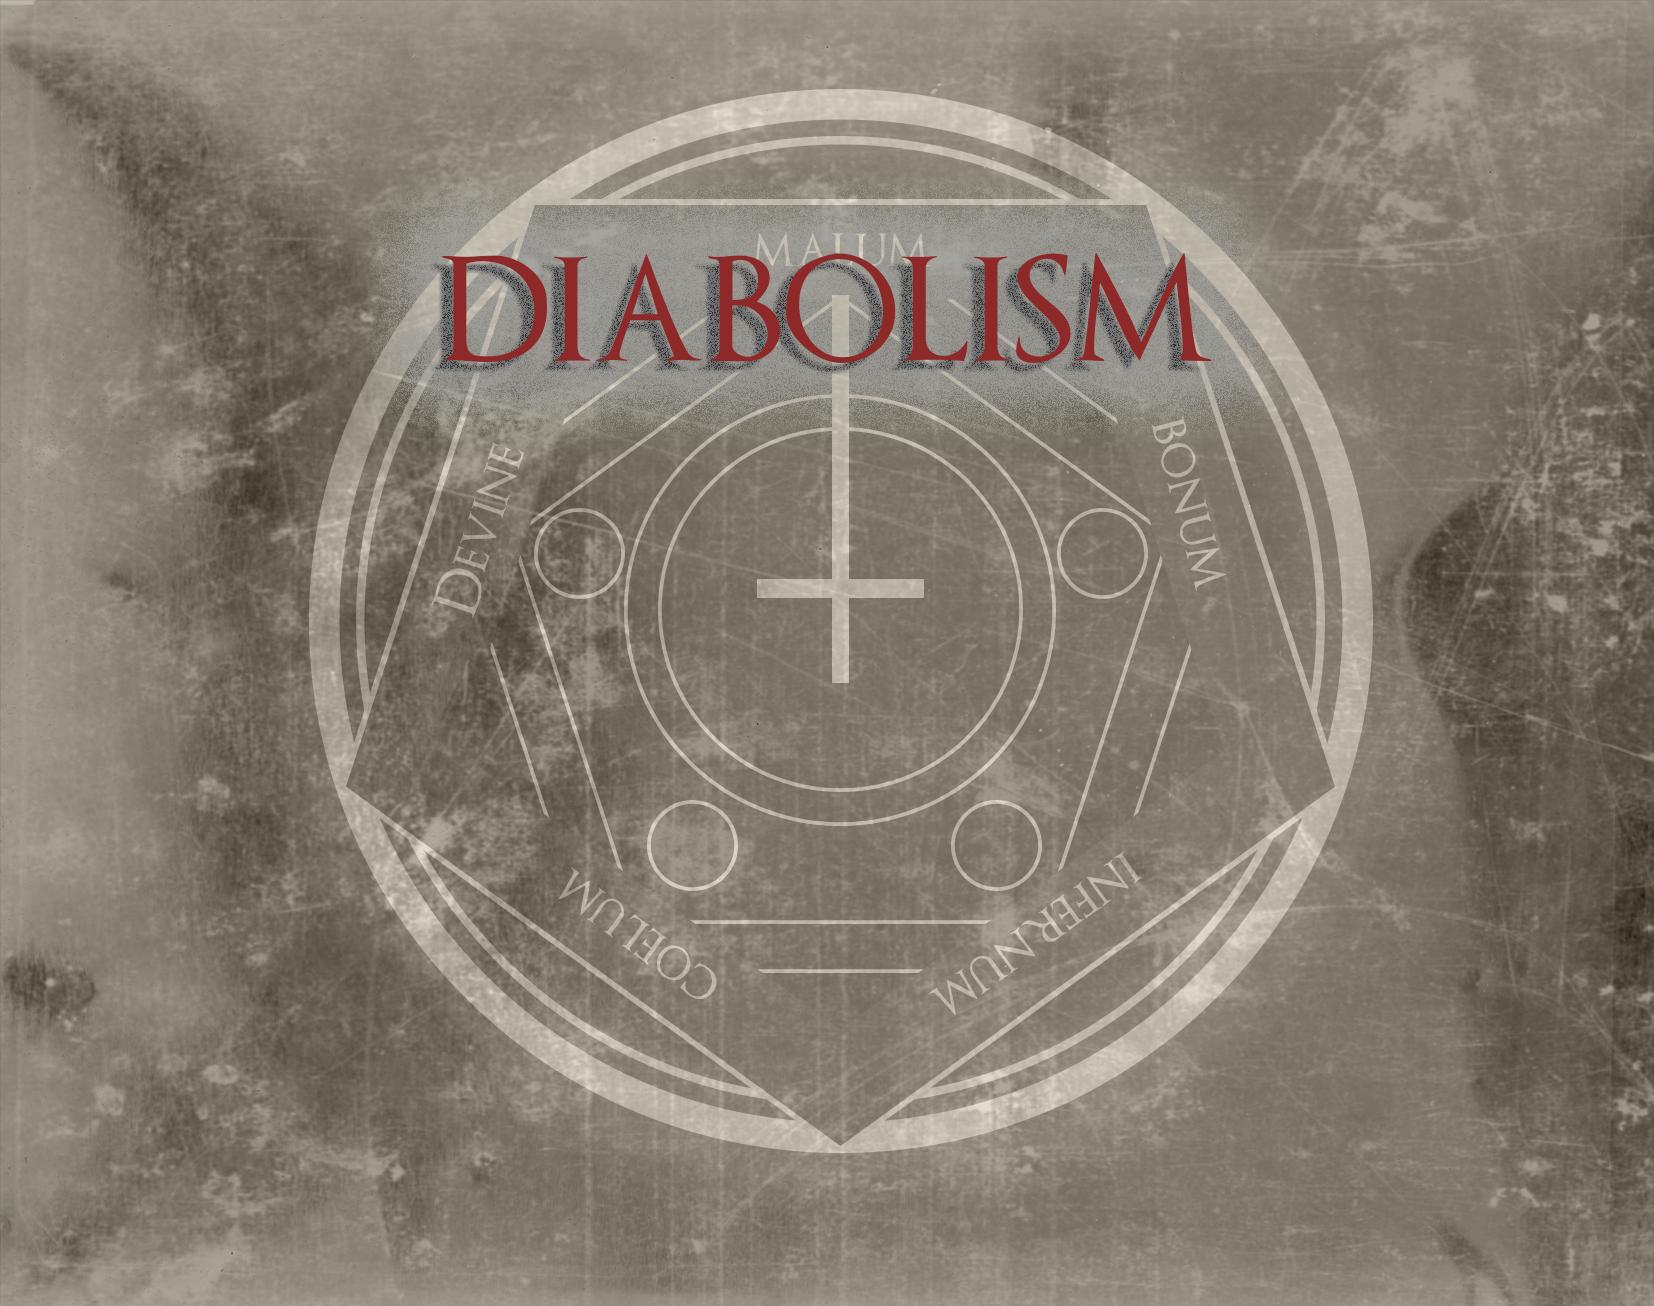 Diabolism